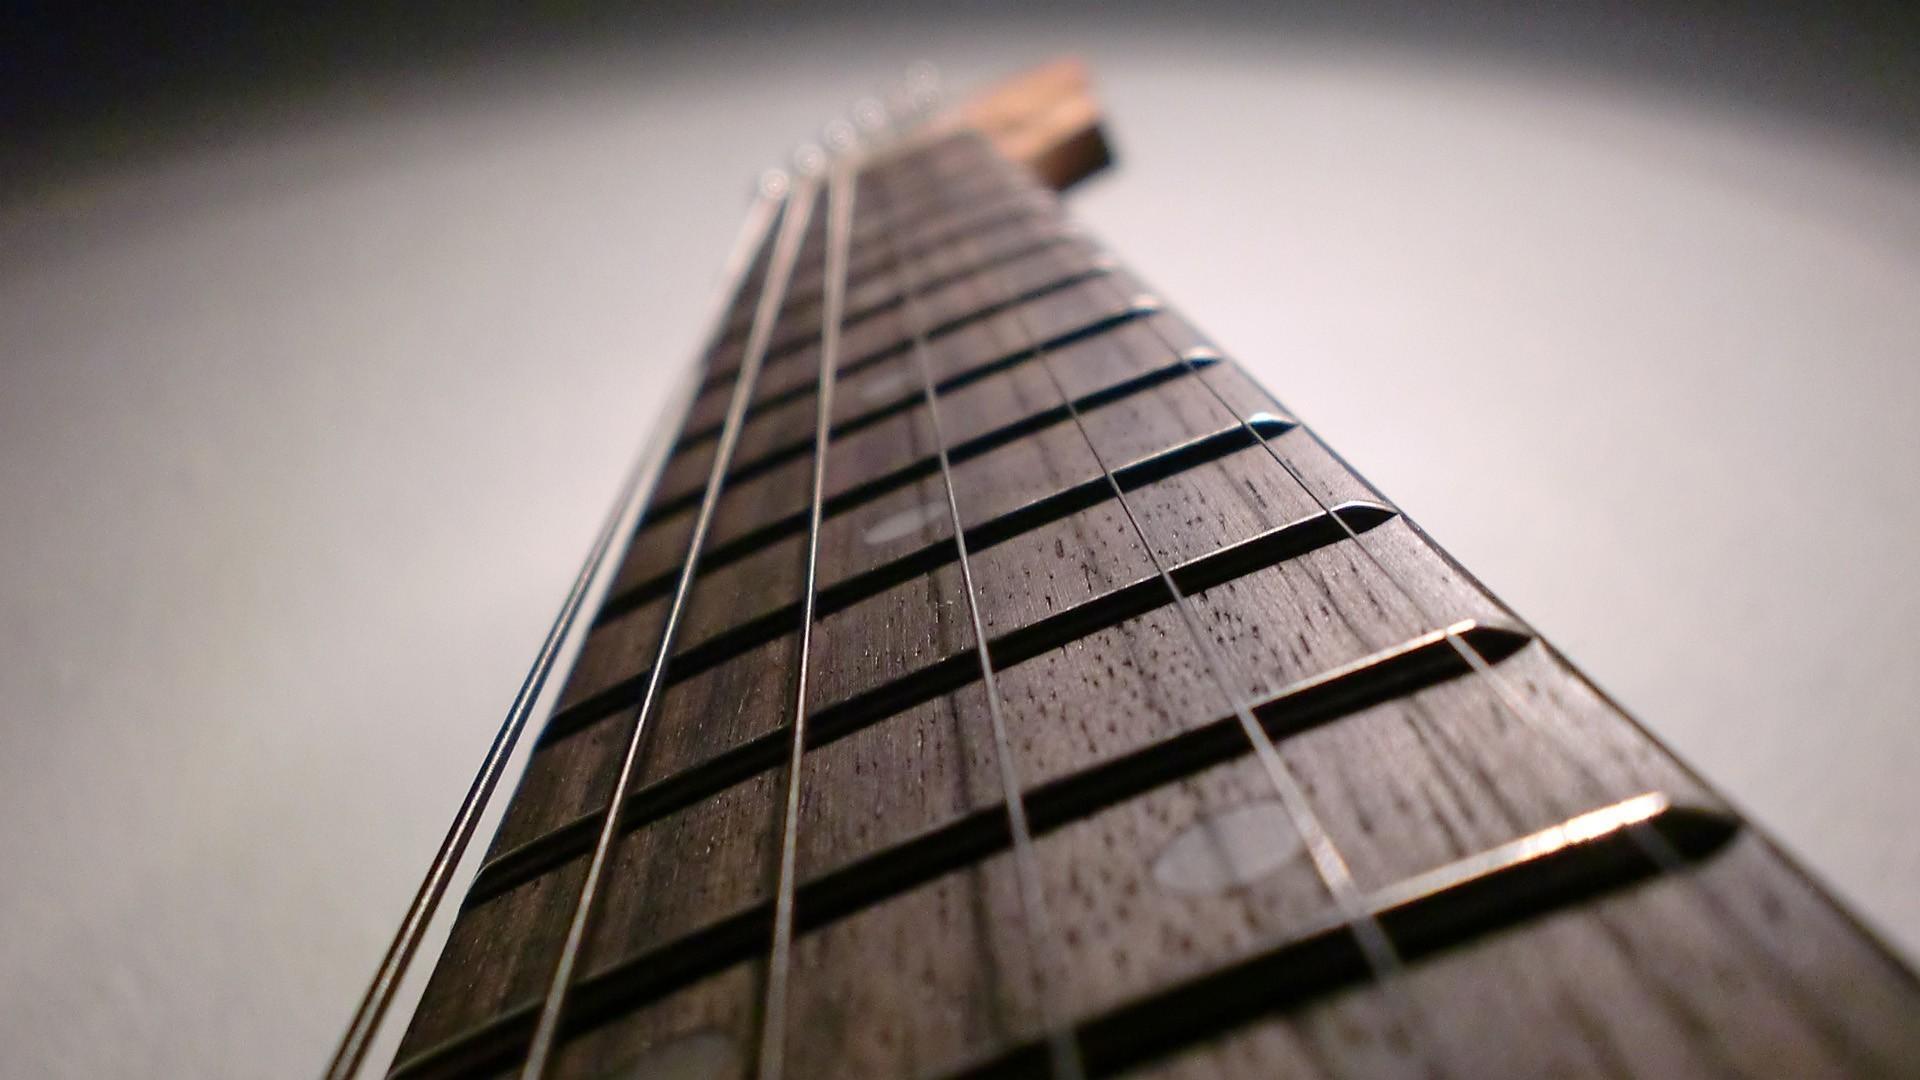 Guitar Music HD Wallpapers